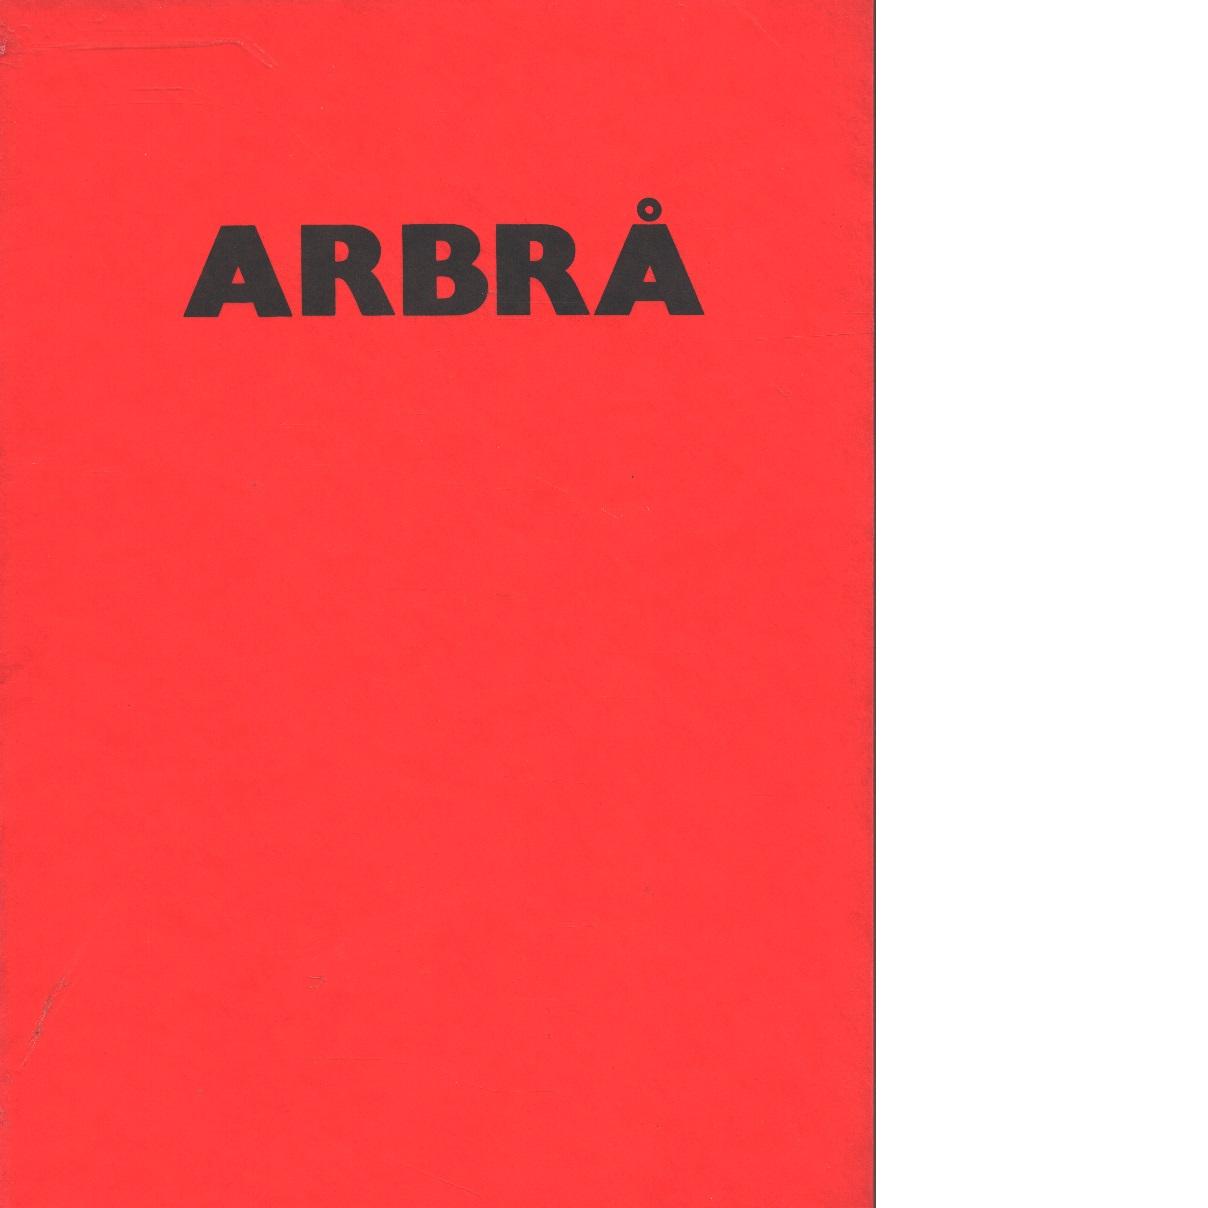 Arbrå - Red.